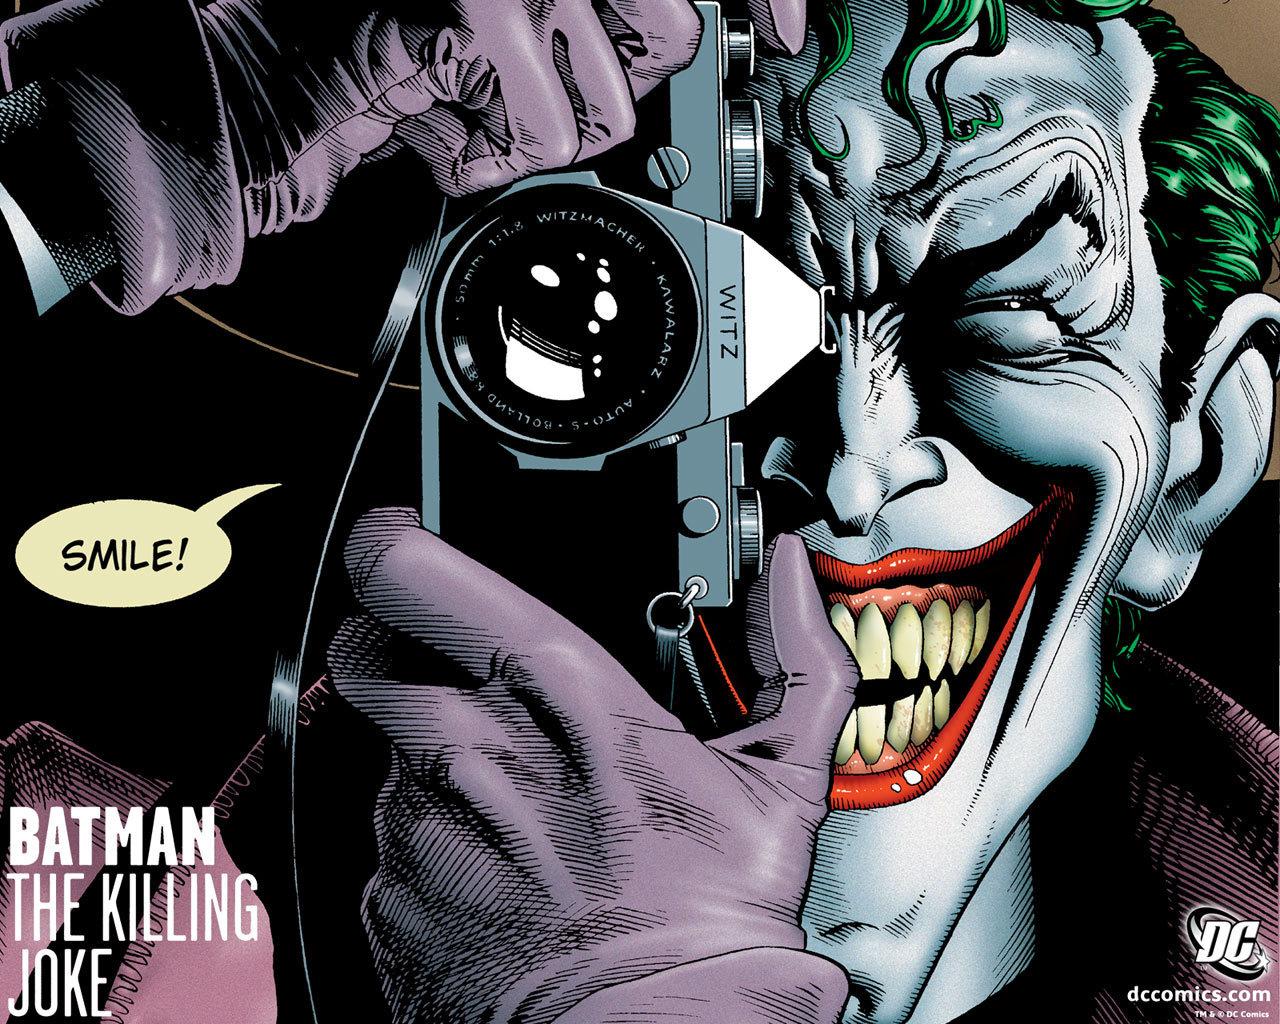 Joker the joker 14718836 1280 1024jpg 1280x1024